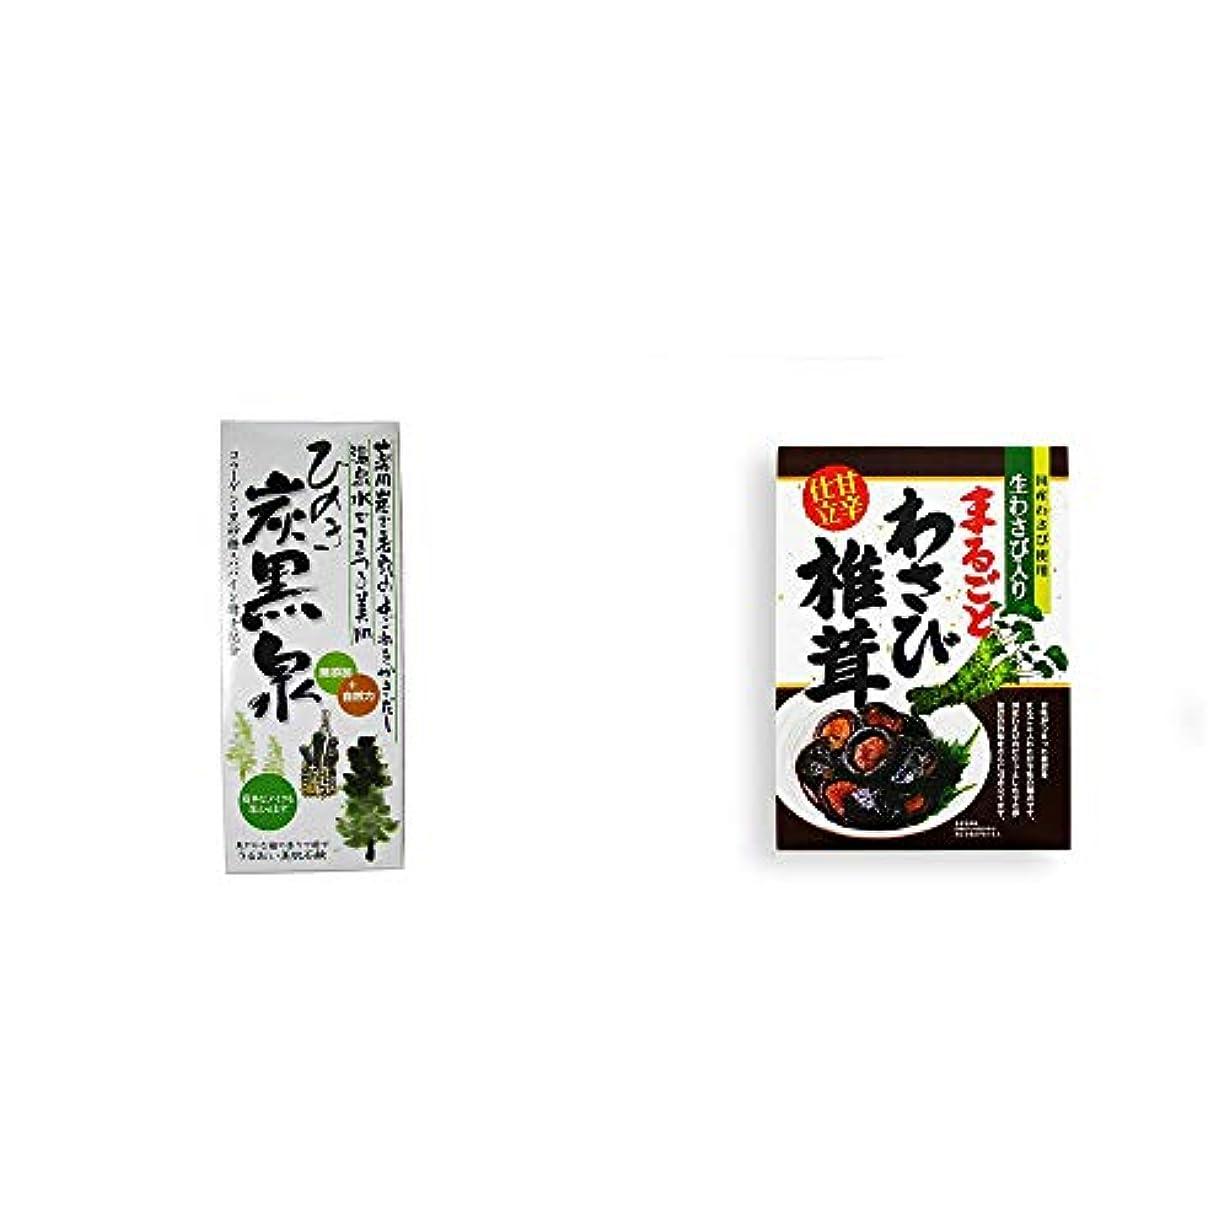 定期的つま先西部[2点セット] ひのき炭黒泉 箱入り(75g×3)?まるごとわさび椎茸(200g)